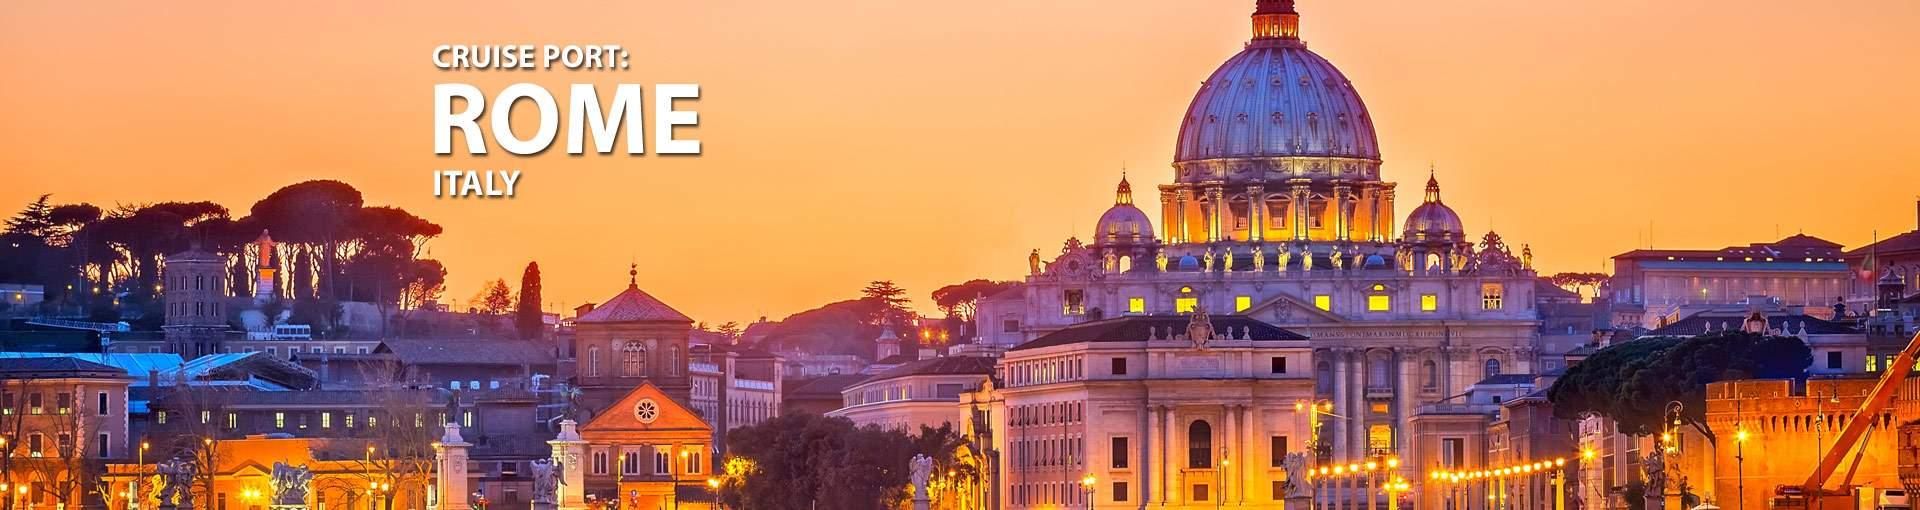 Rome civitavecchia italy cruise port 2018 and 2019 - Train from rome to port of civitavecchia ...